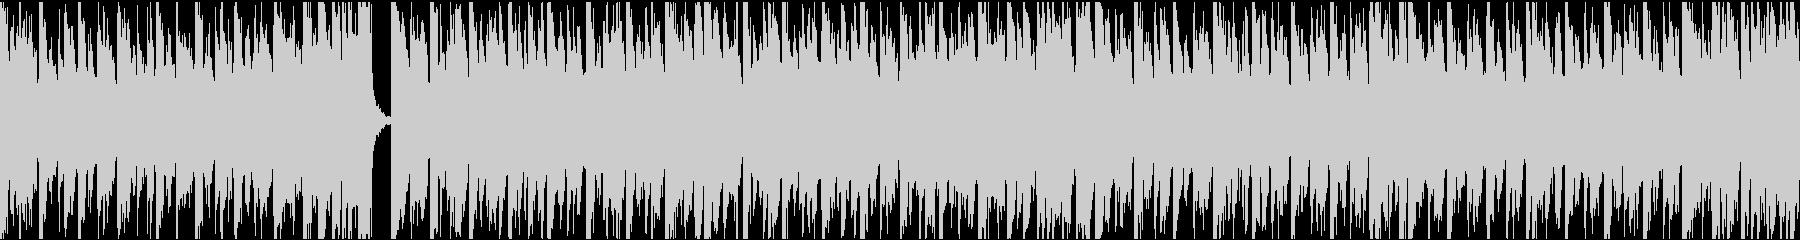 13秒でサビ、電子音ダーク/ループの未再生の波形